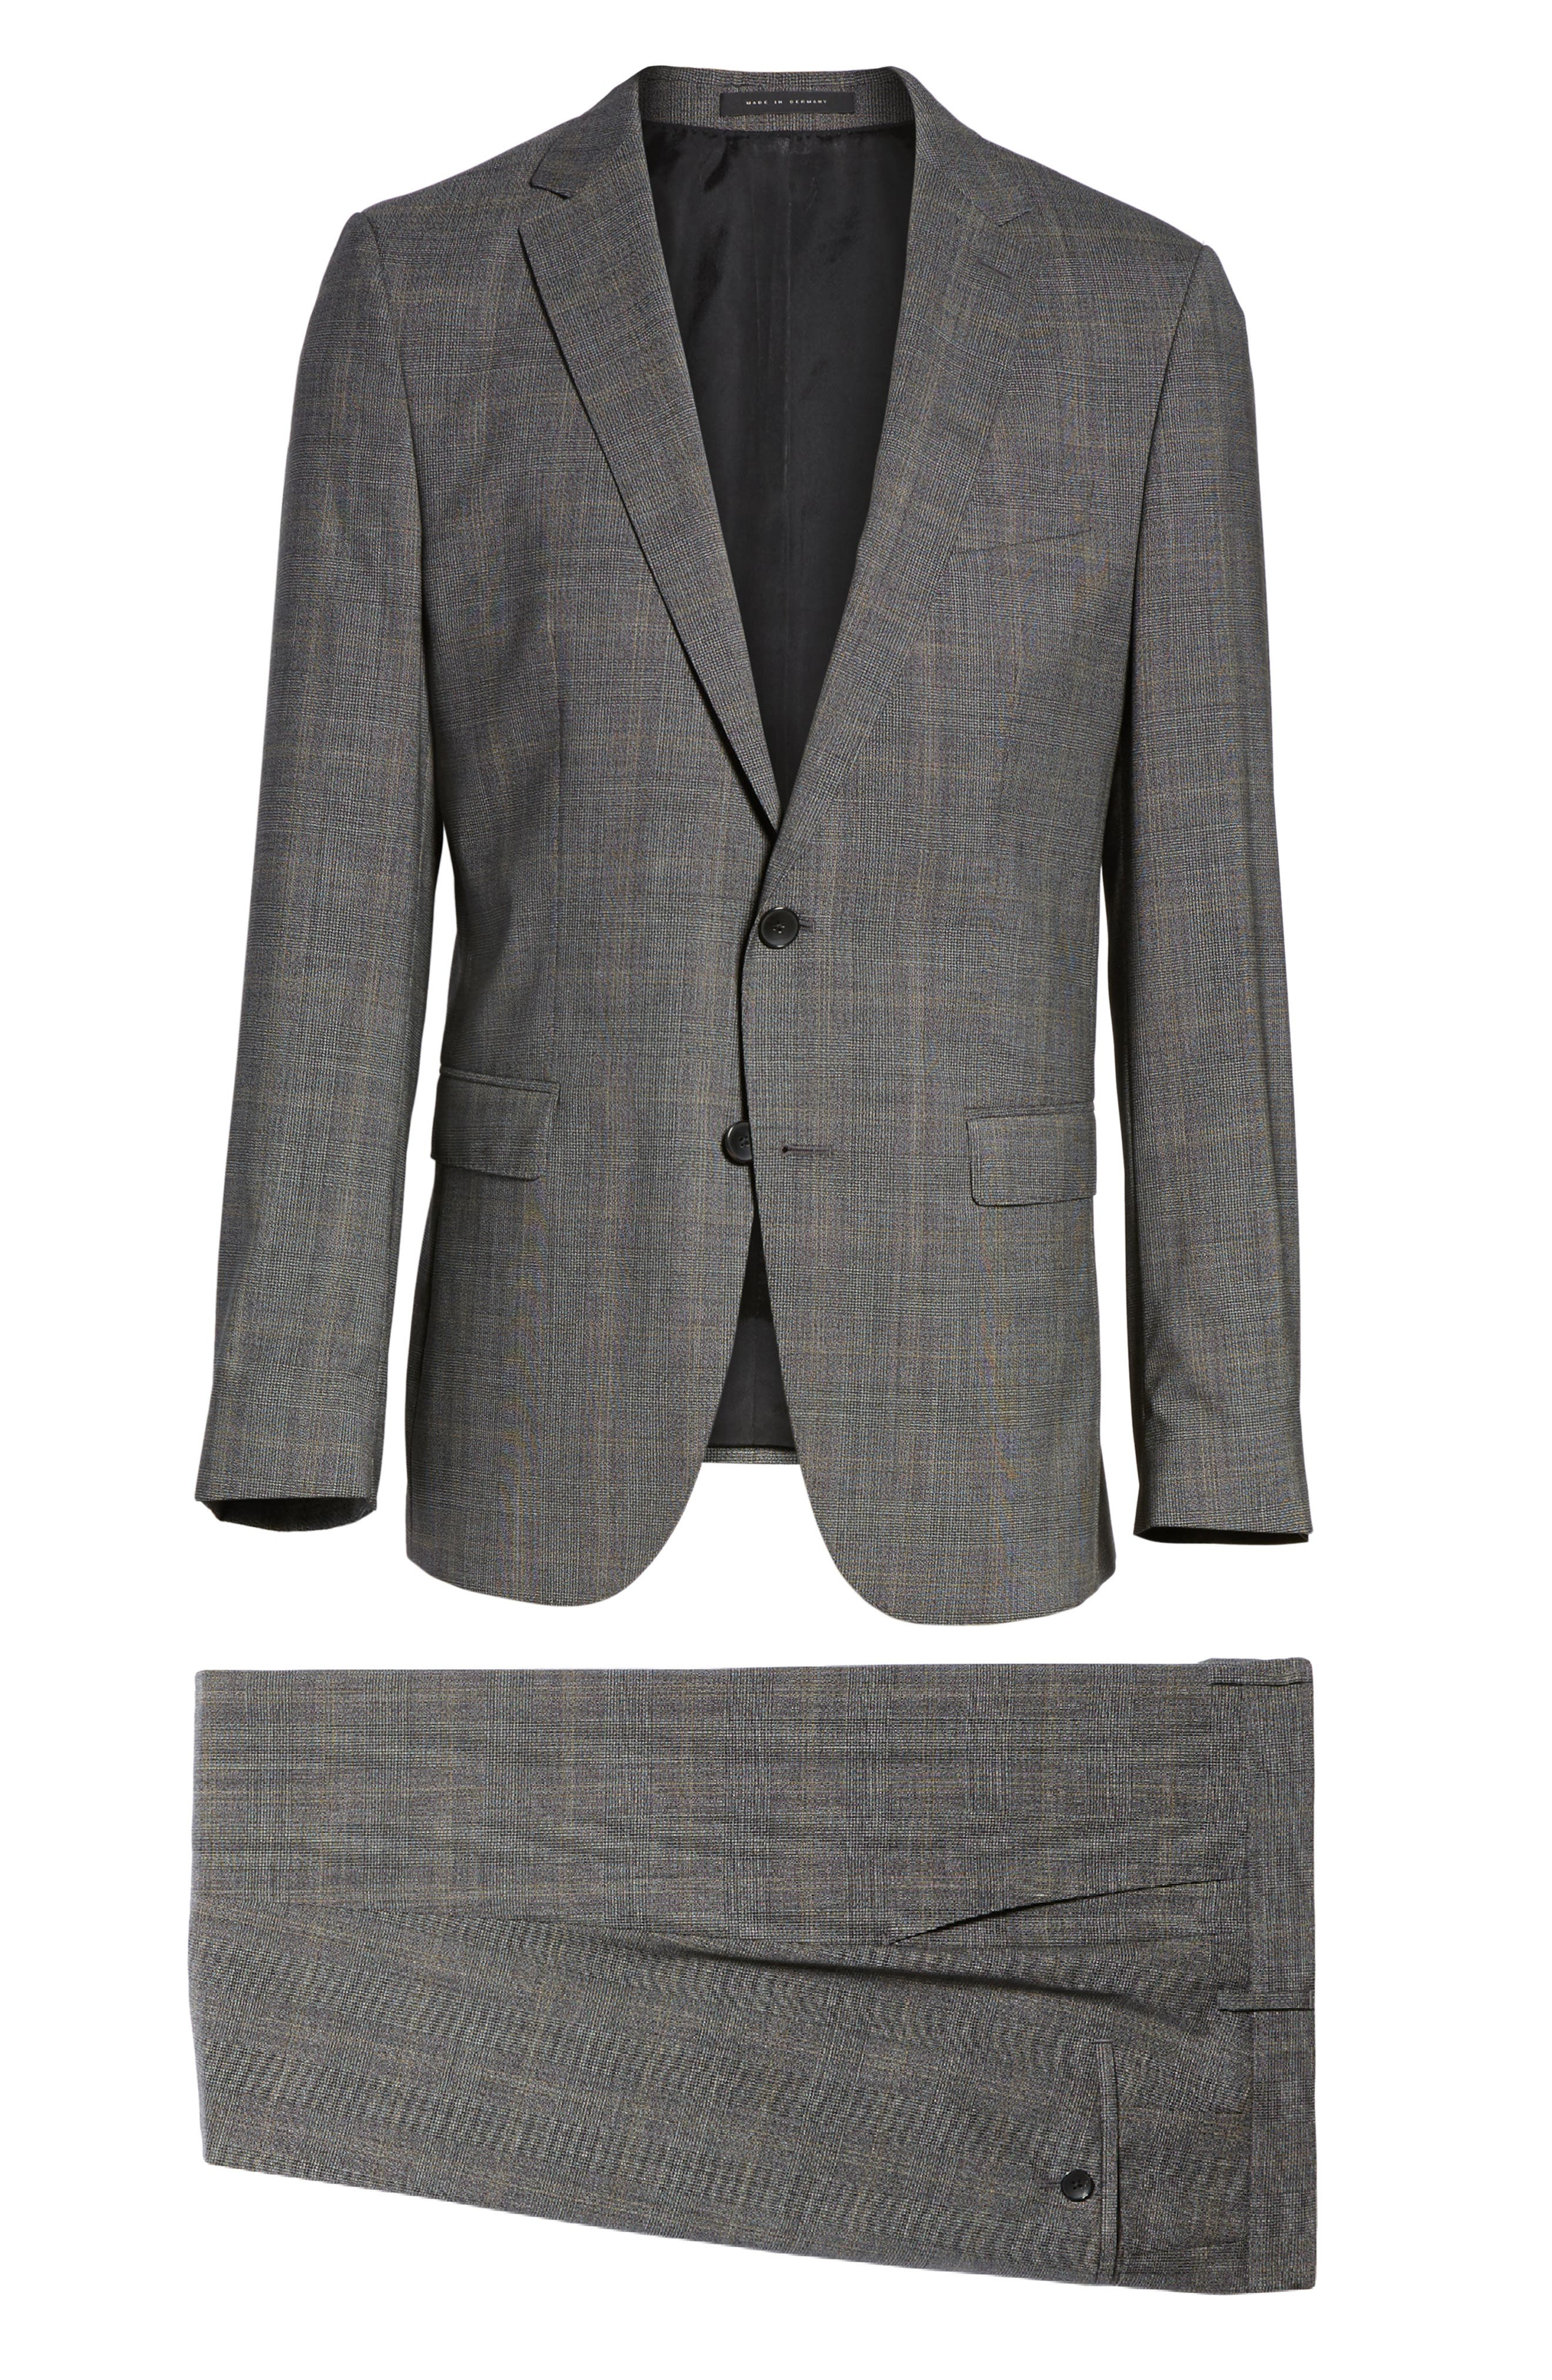 Novan/Ben Trim Fit Plaid Wool Suit,                             Alternate thumbnail 8, color,                             Black